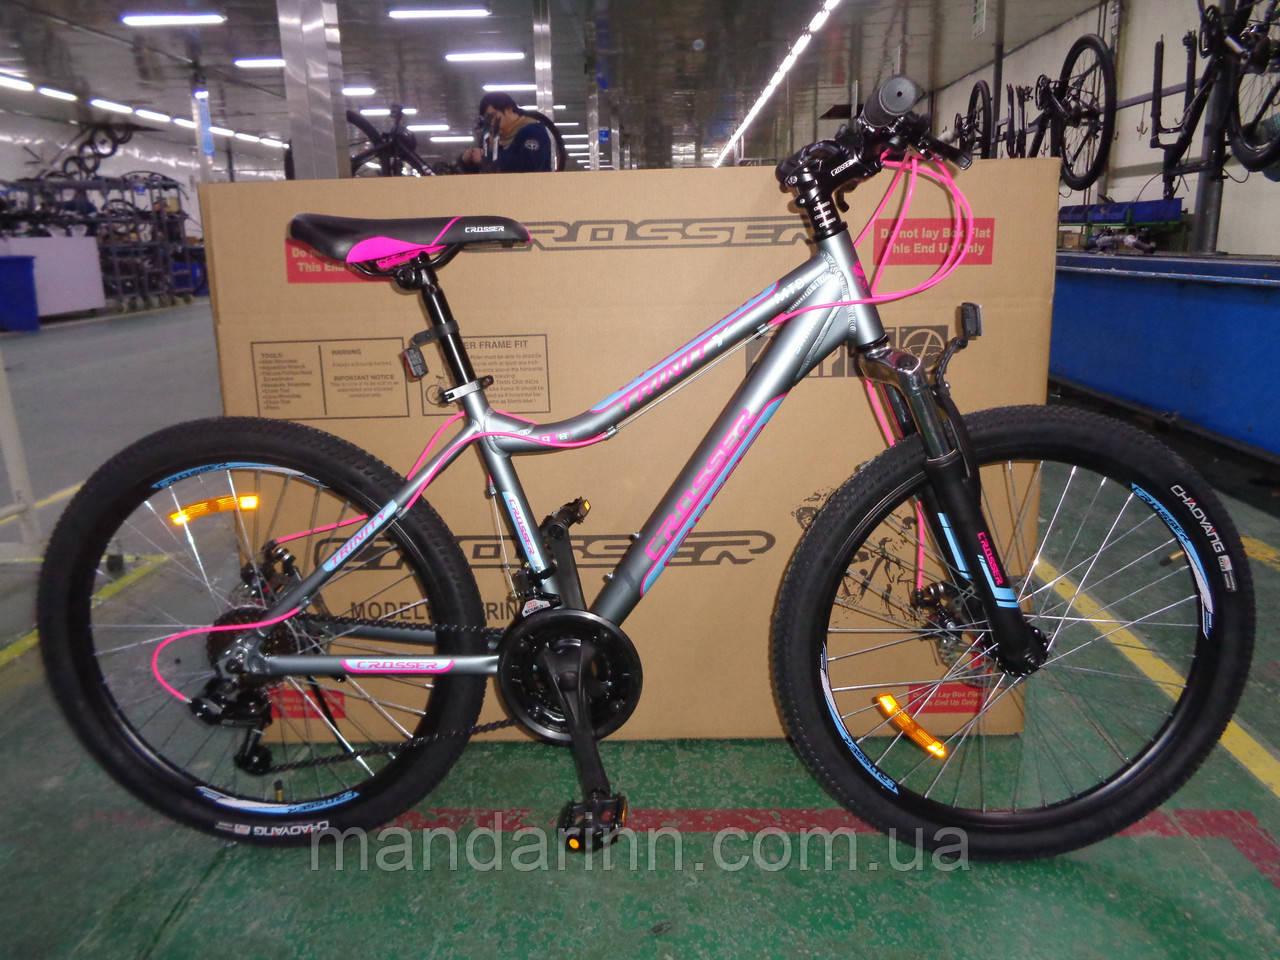 Спортивный Алюминиевый велосипед Crosser Trinity 24 дюйма. Серый.